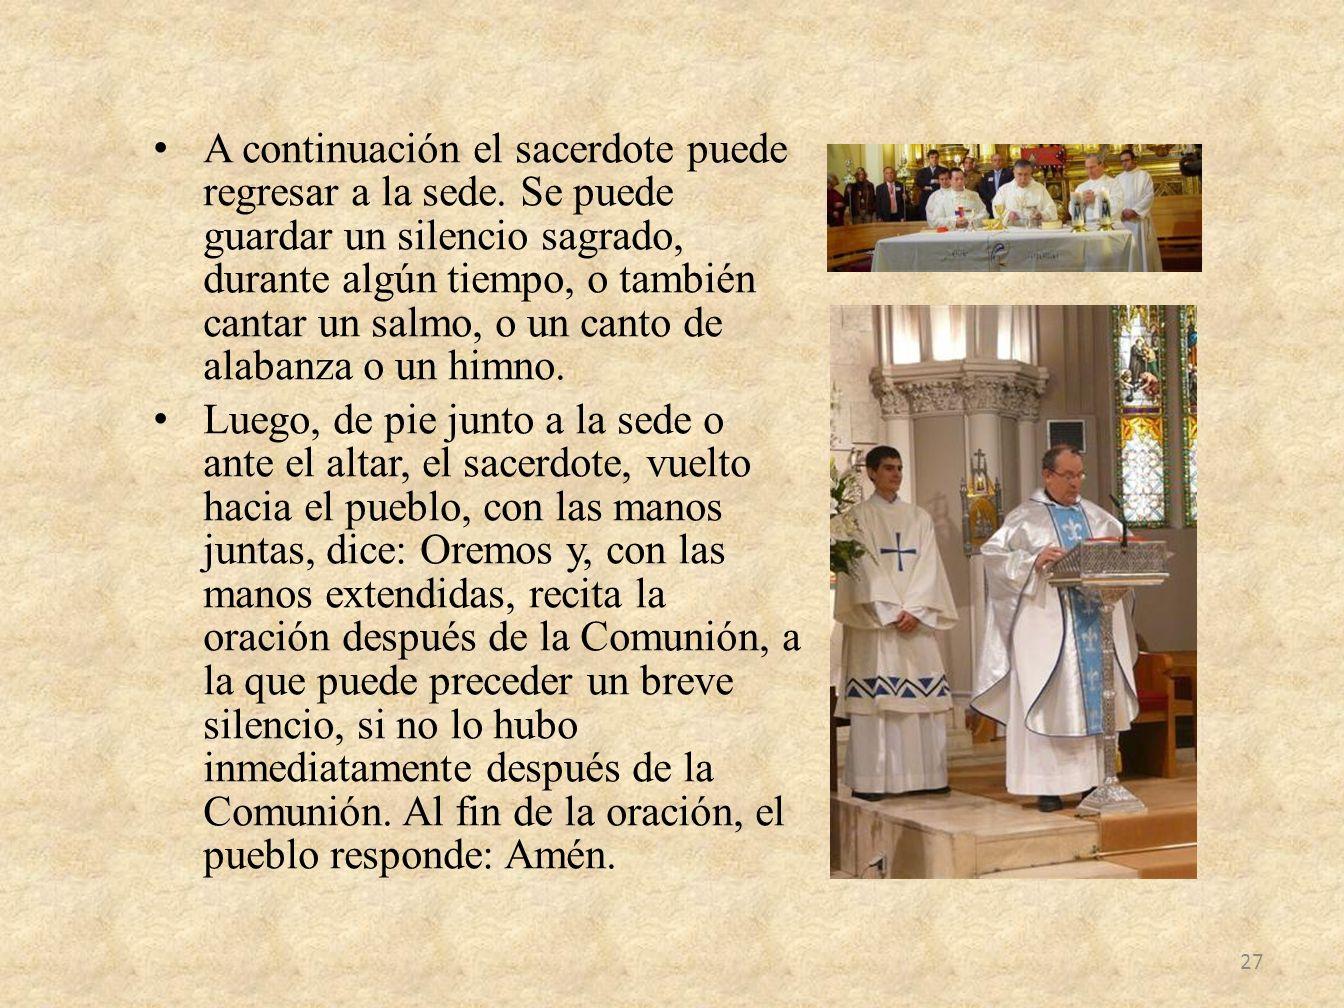 A continuación el sacerdote puede regresar a la sede. Se puede guardar un silencio sagrado, durante algún tiempo, o también cantar un salmo, o un cant